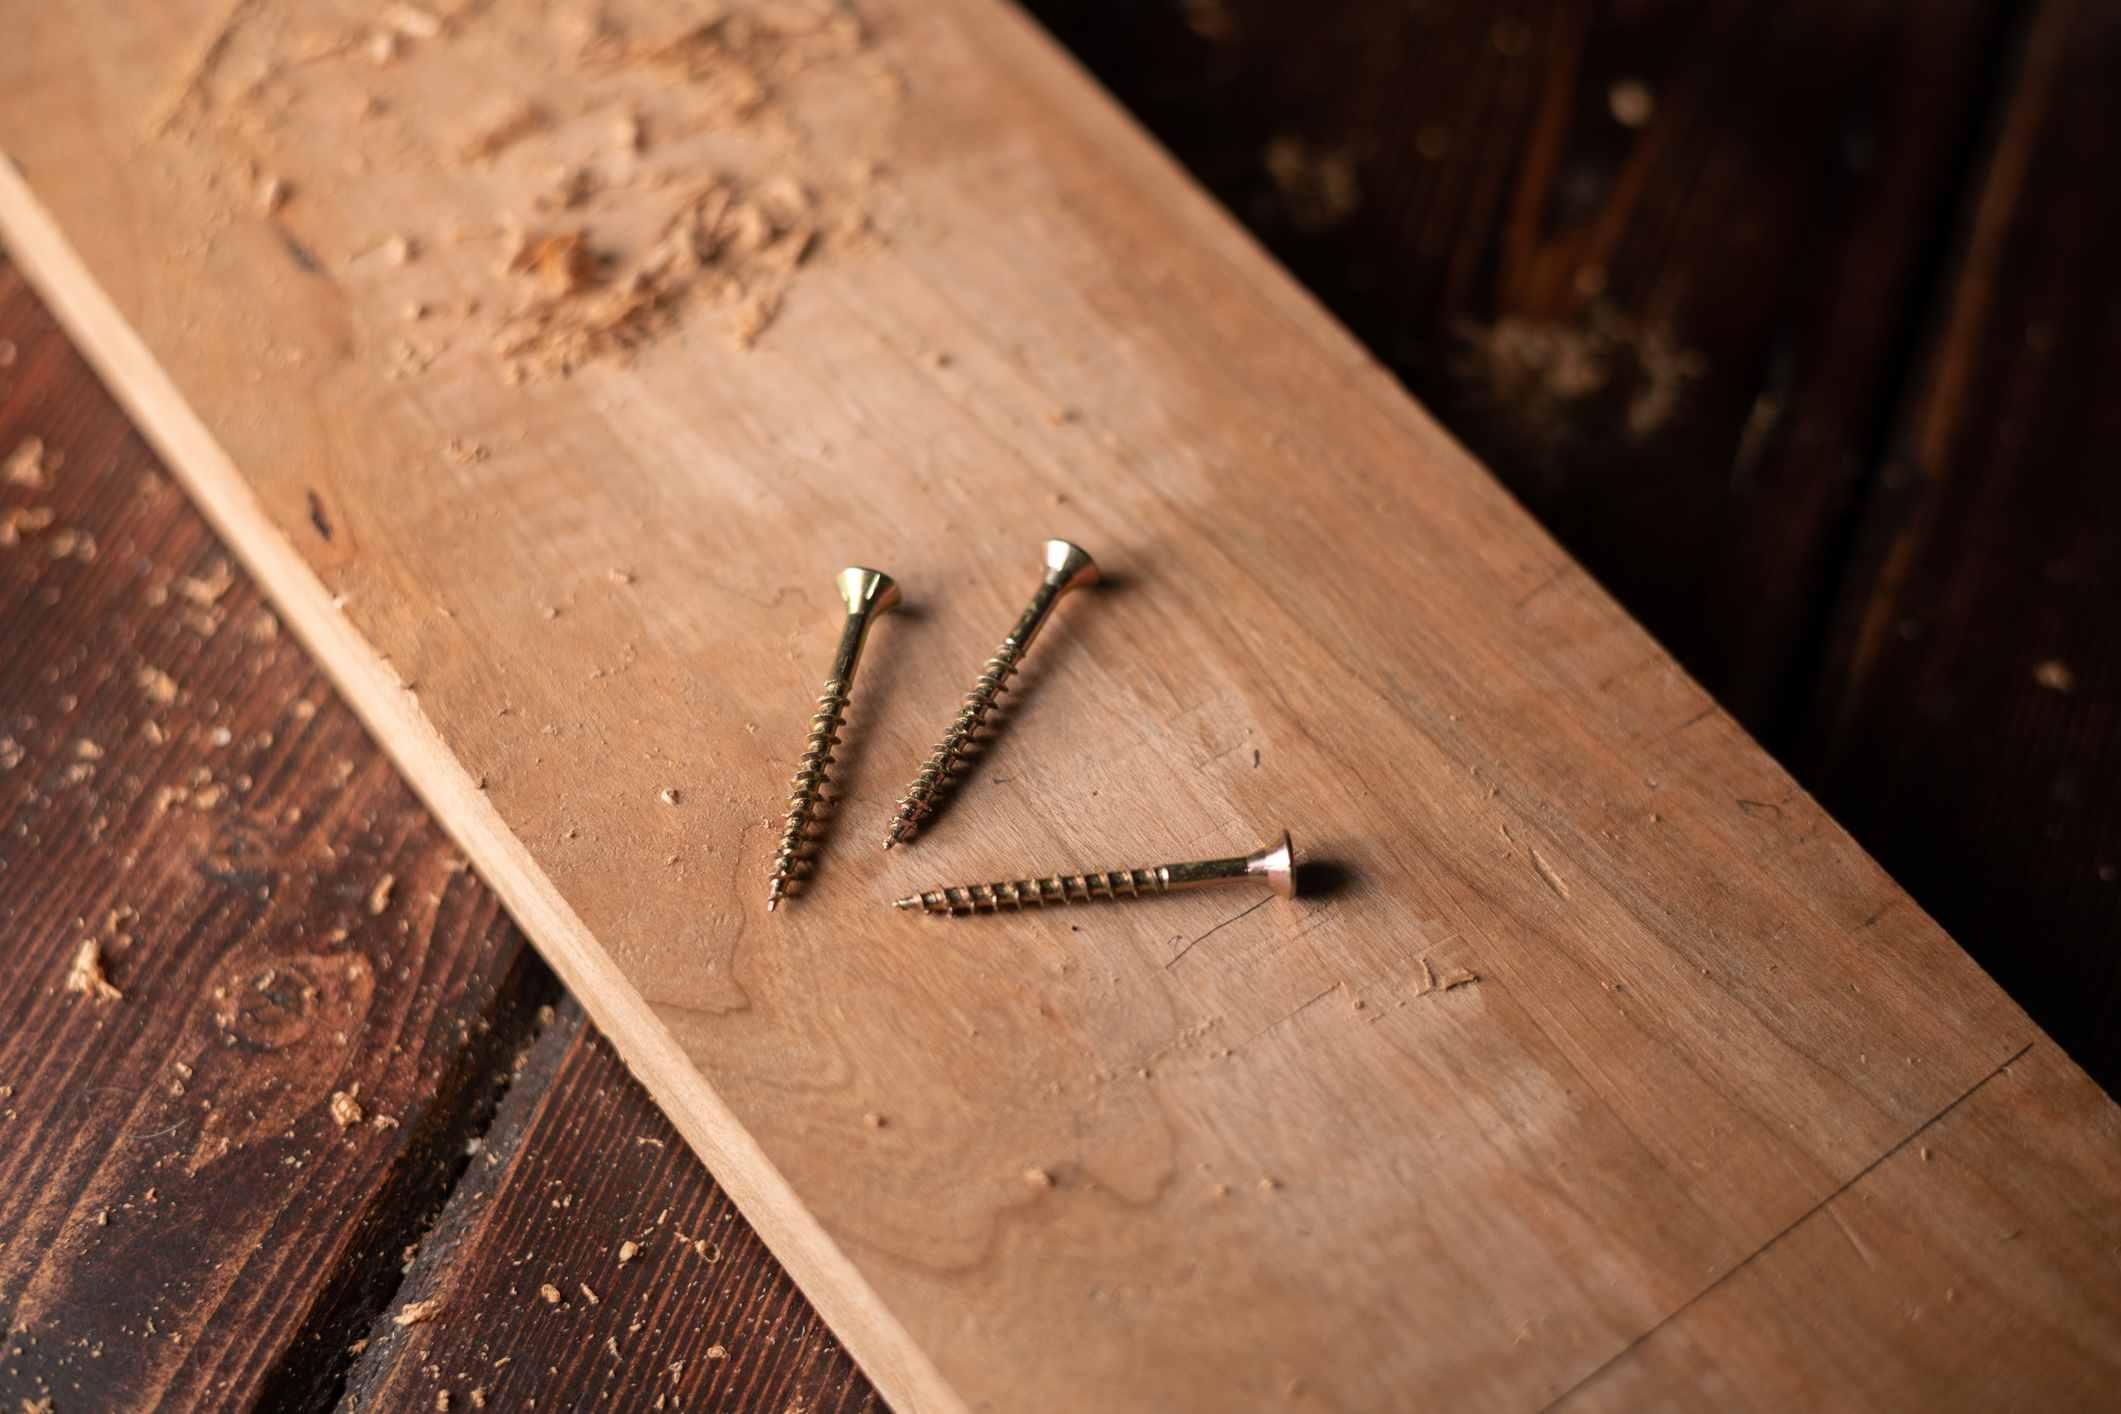 Screws on top of wood plank